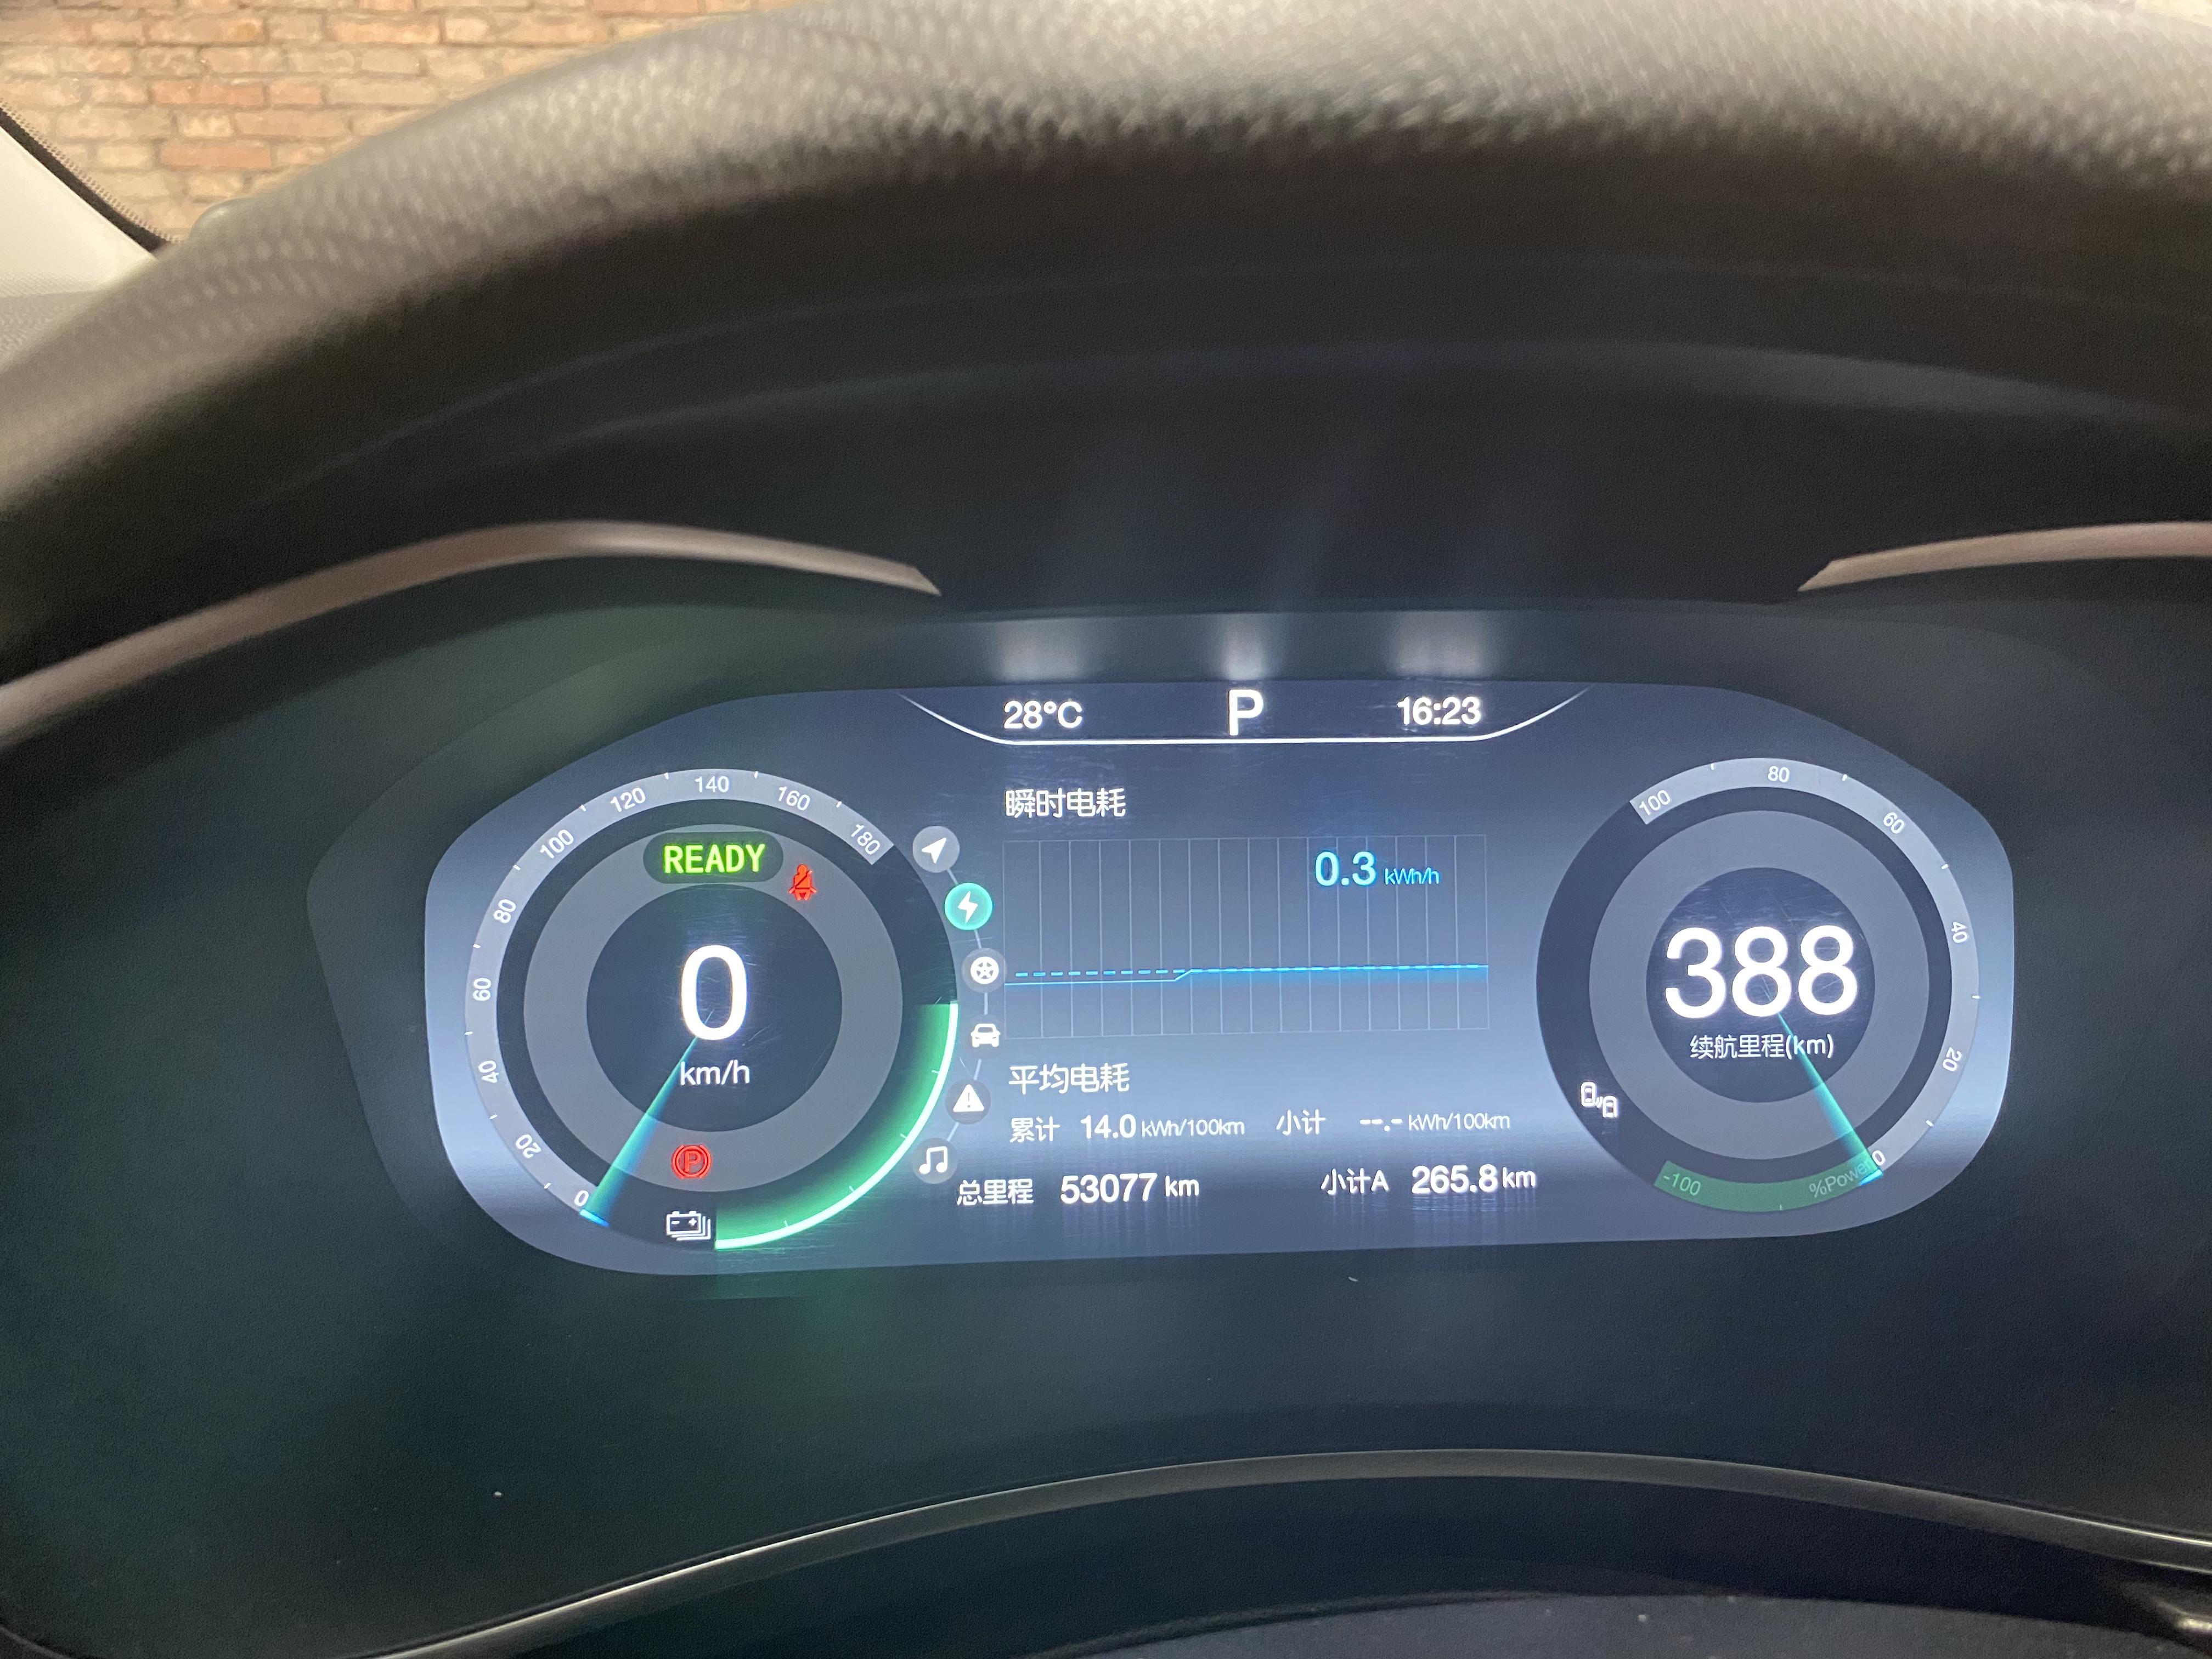 北汽新能源EU5電池衰減嚴重,多次投訴4S店和廠家都不給予有效的解決方案